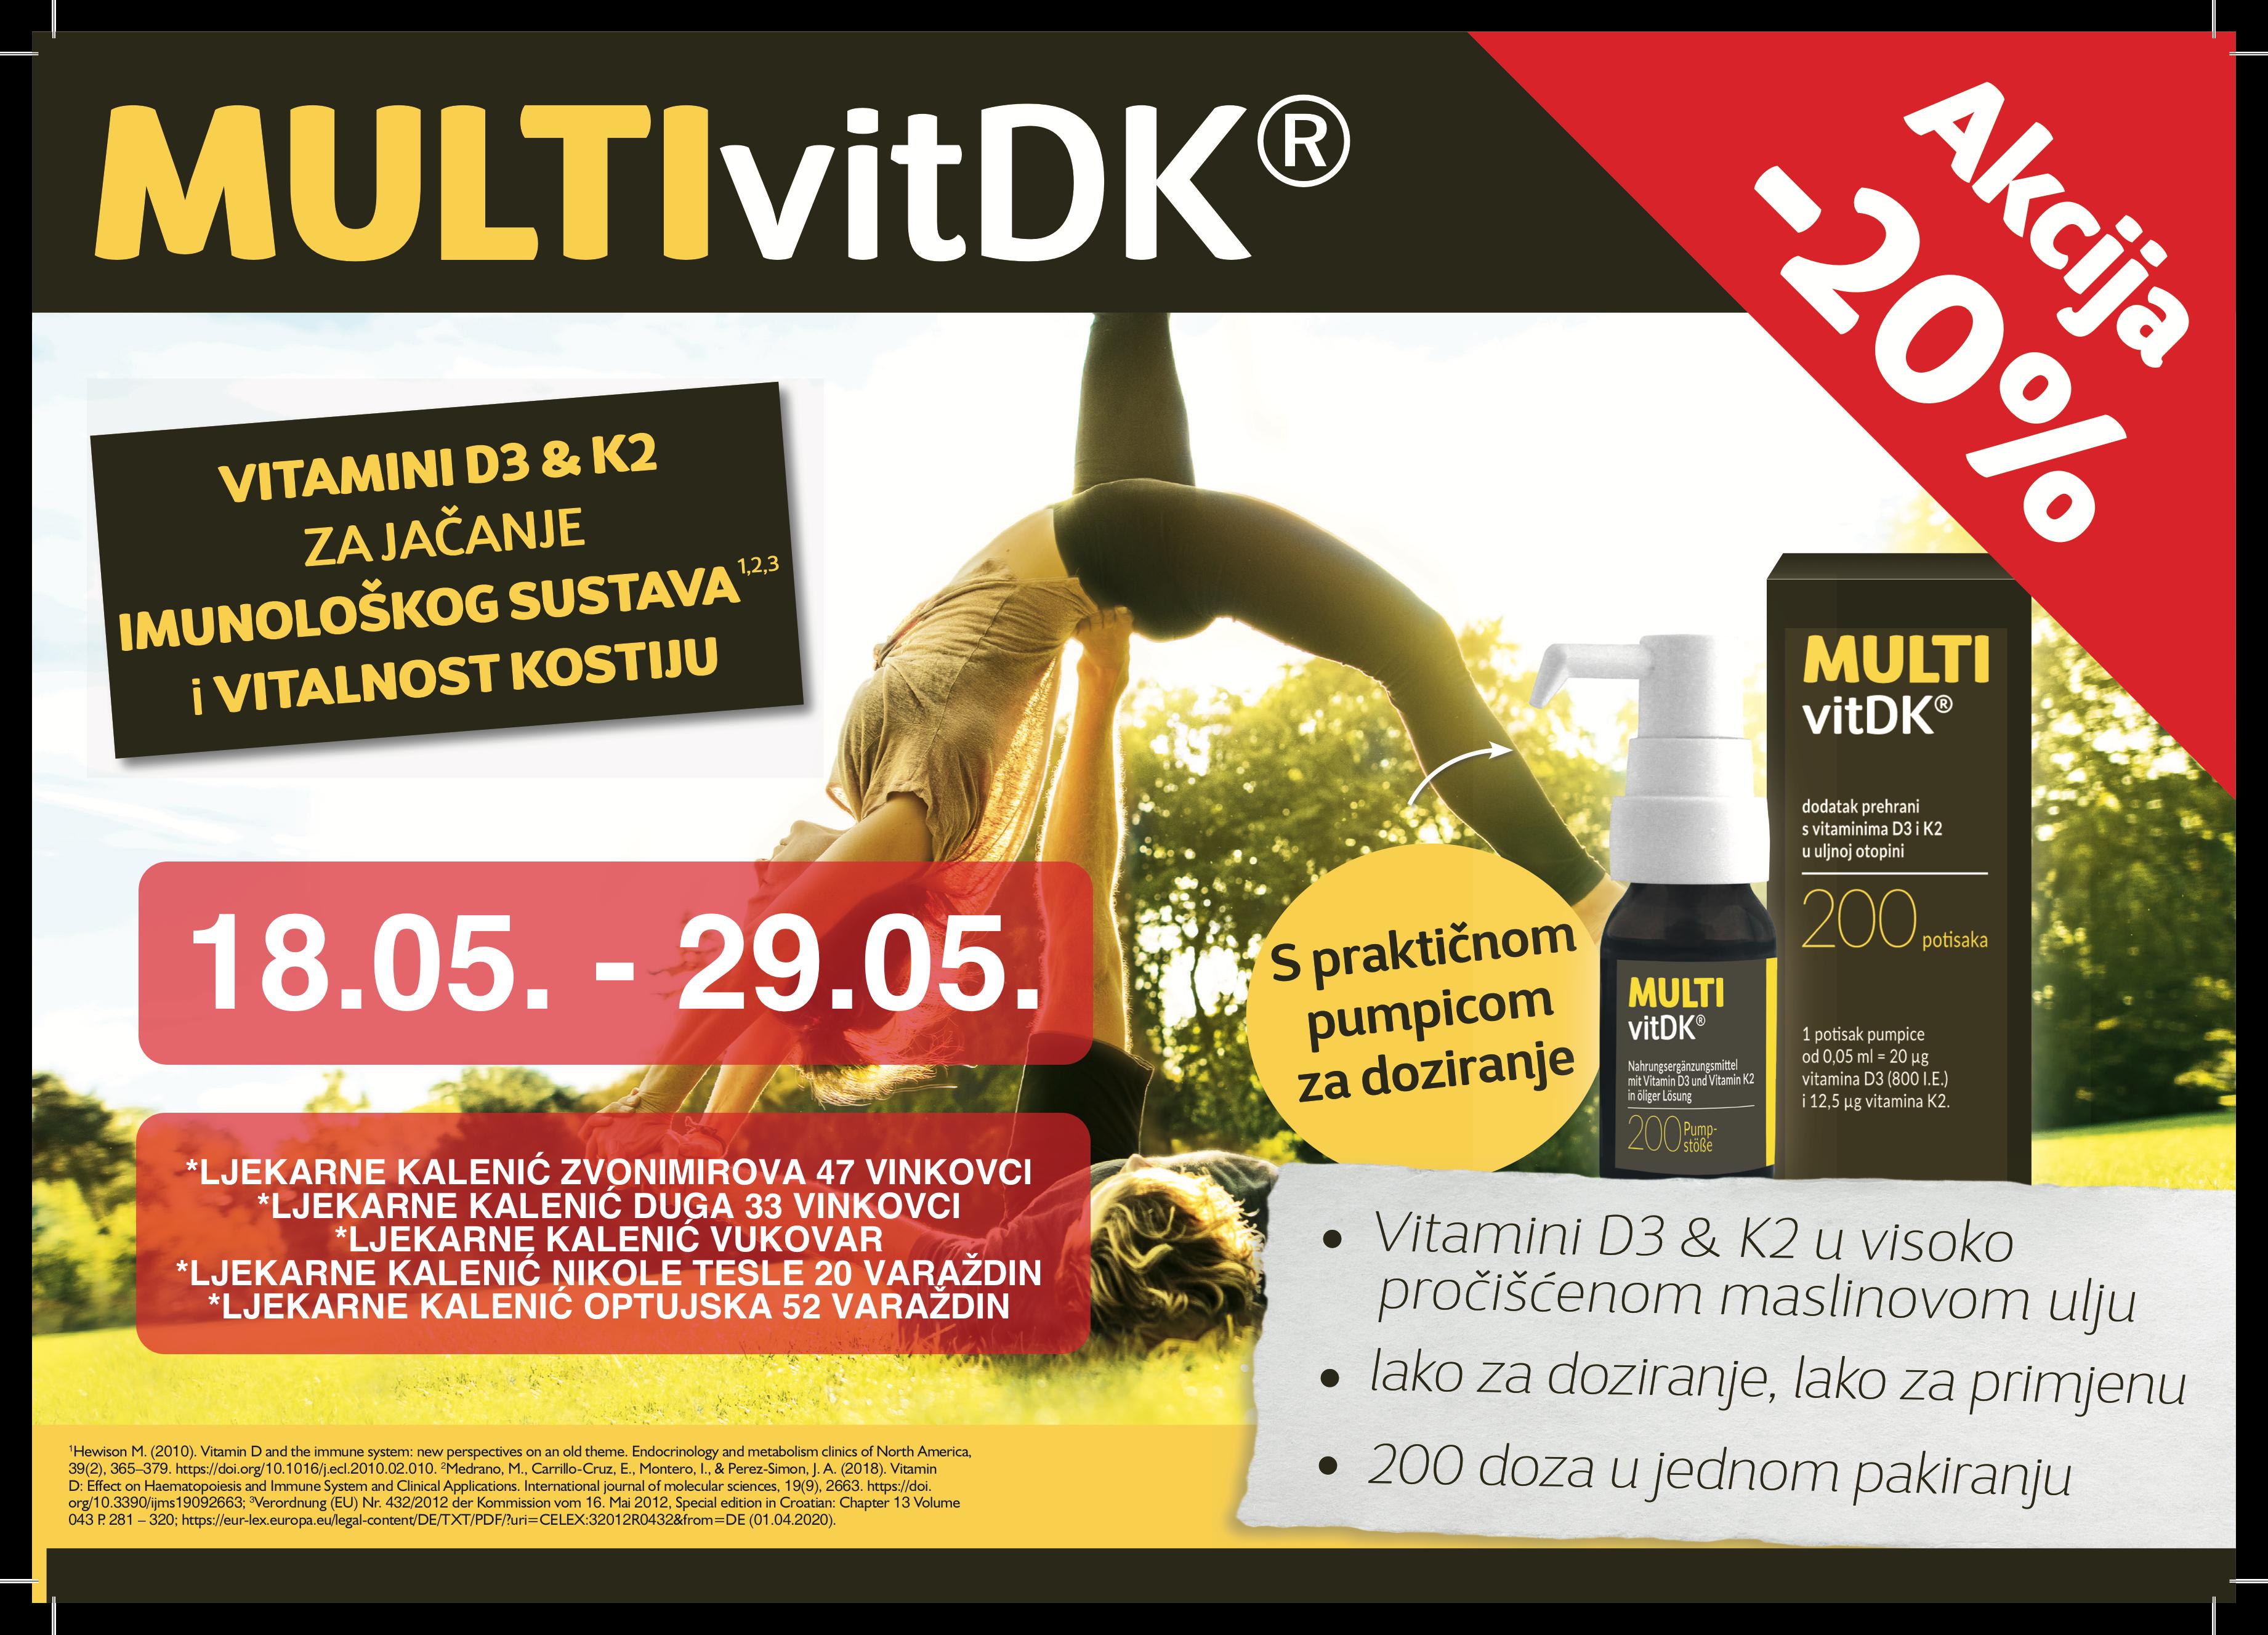 MULTI VIT DK